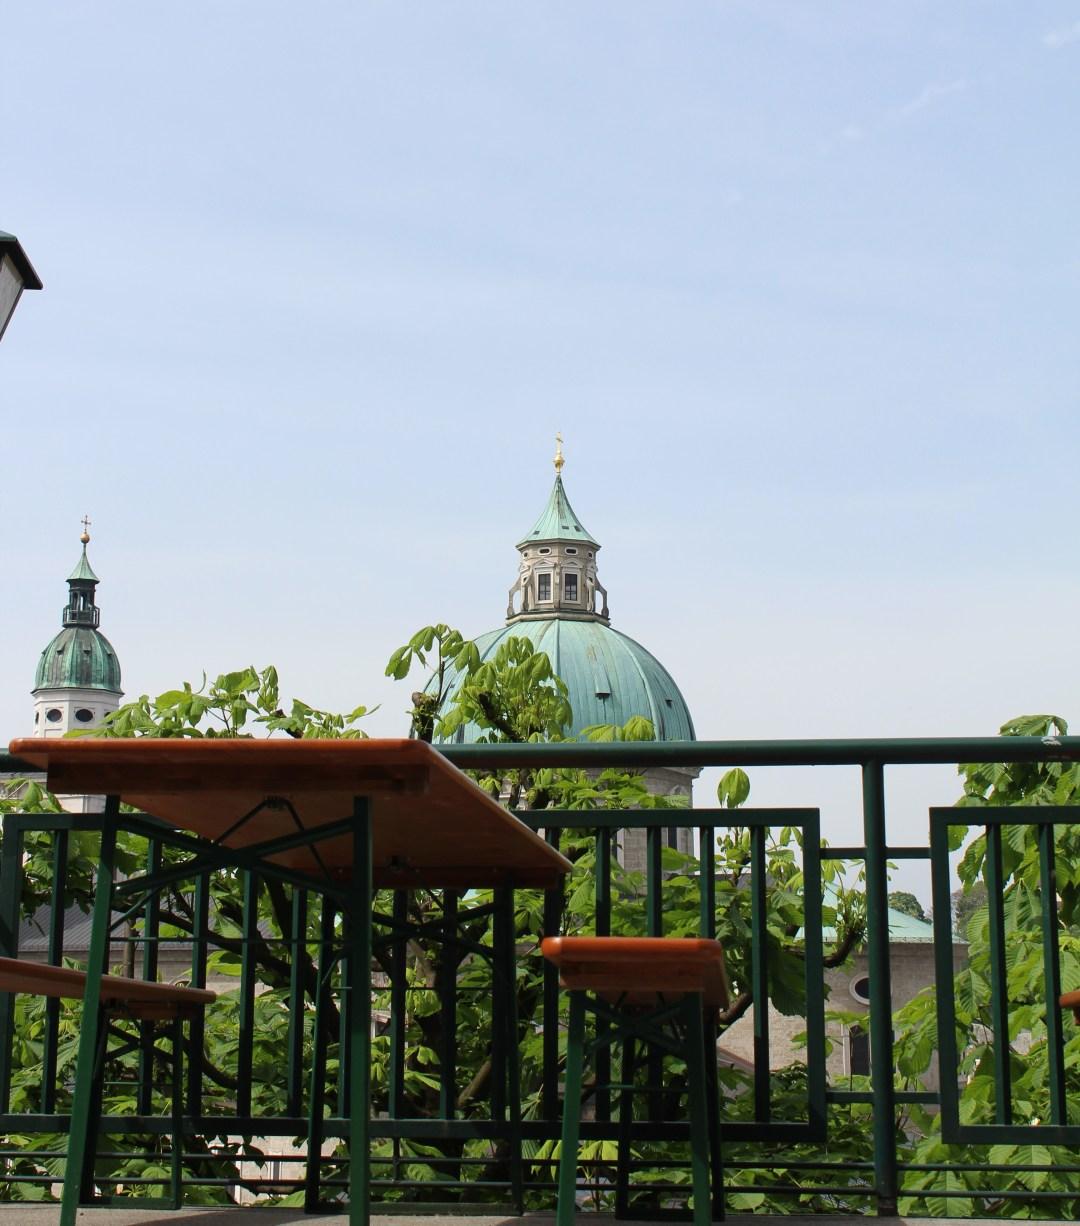 Mijn week in foto's - Oostenrijk